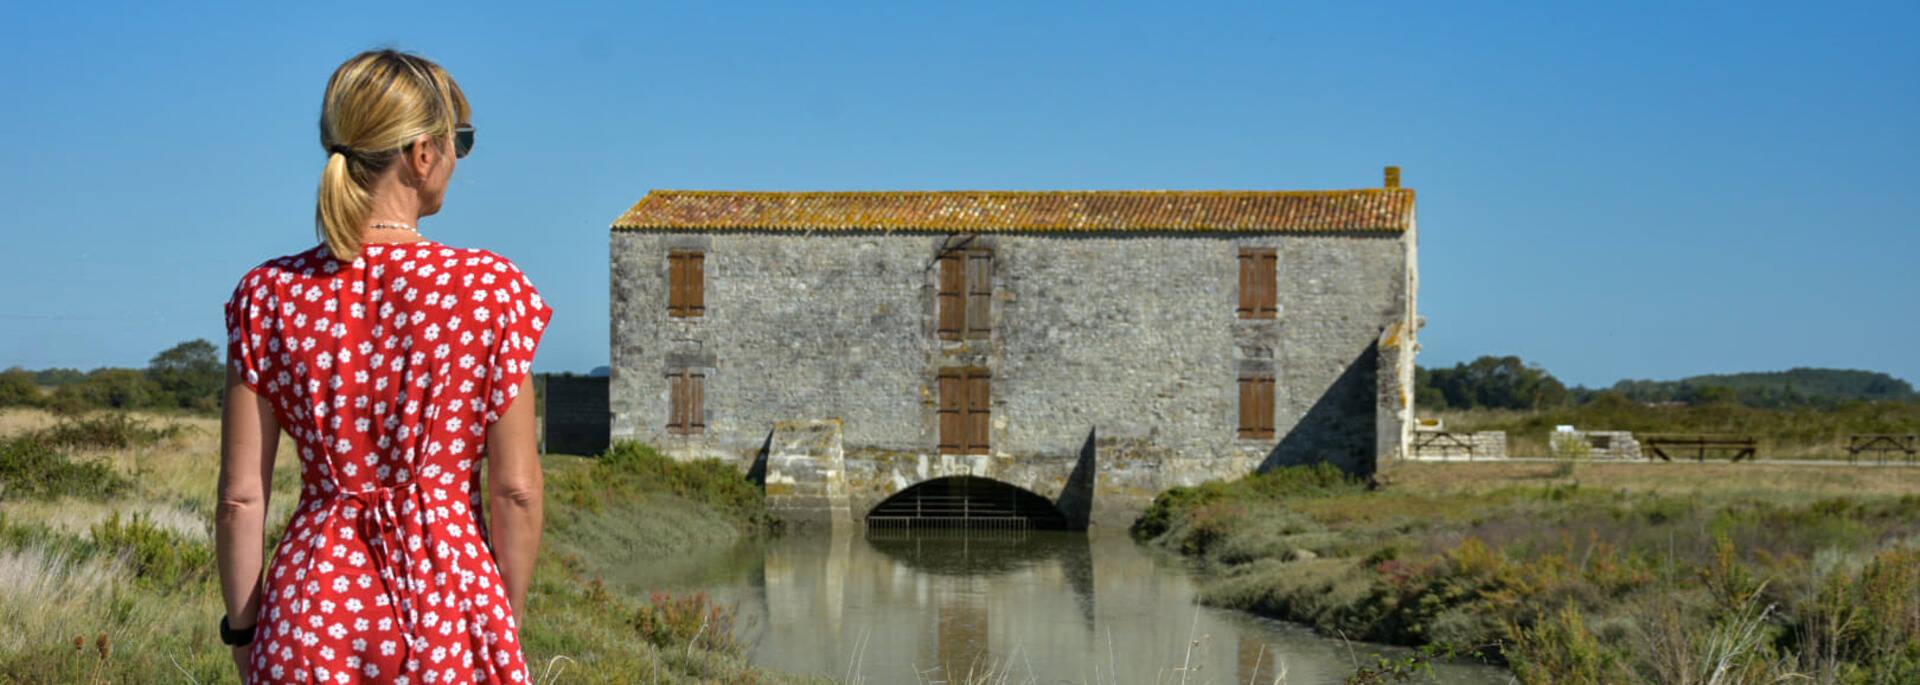 Balade au Moulin des Loges dans le marais de Marennes - ©Sabia's Pictures